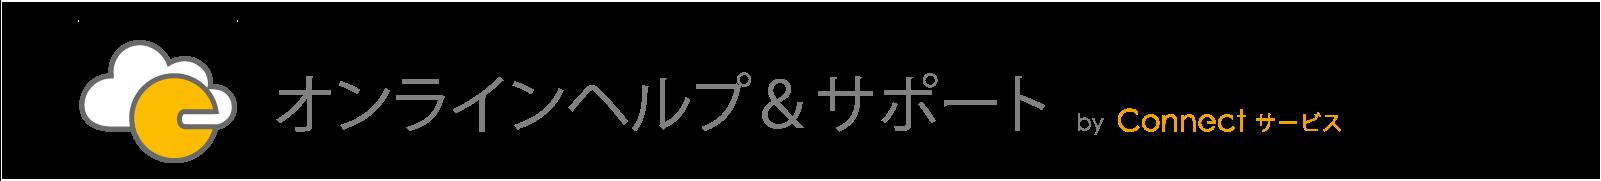 Connect サービス オンラインヘルプ&サポート